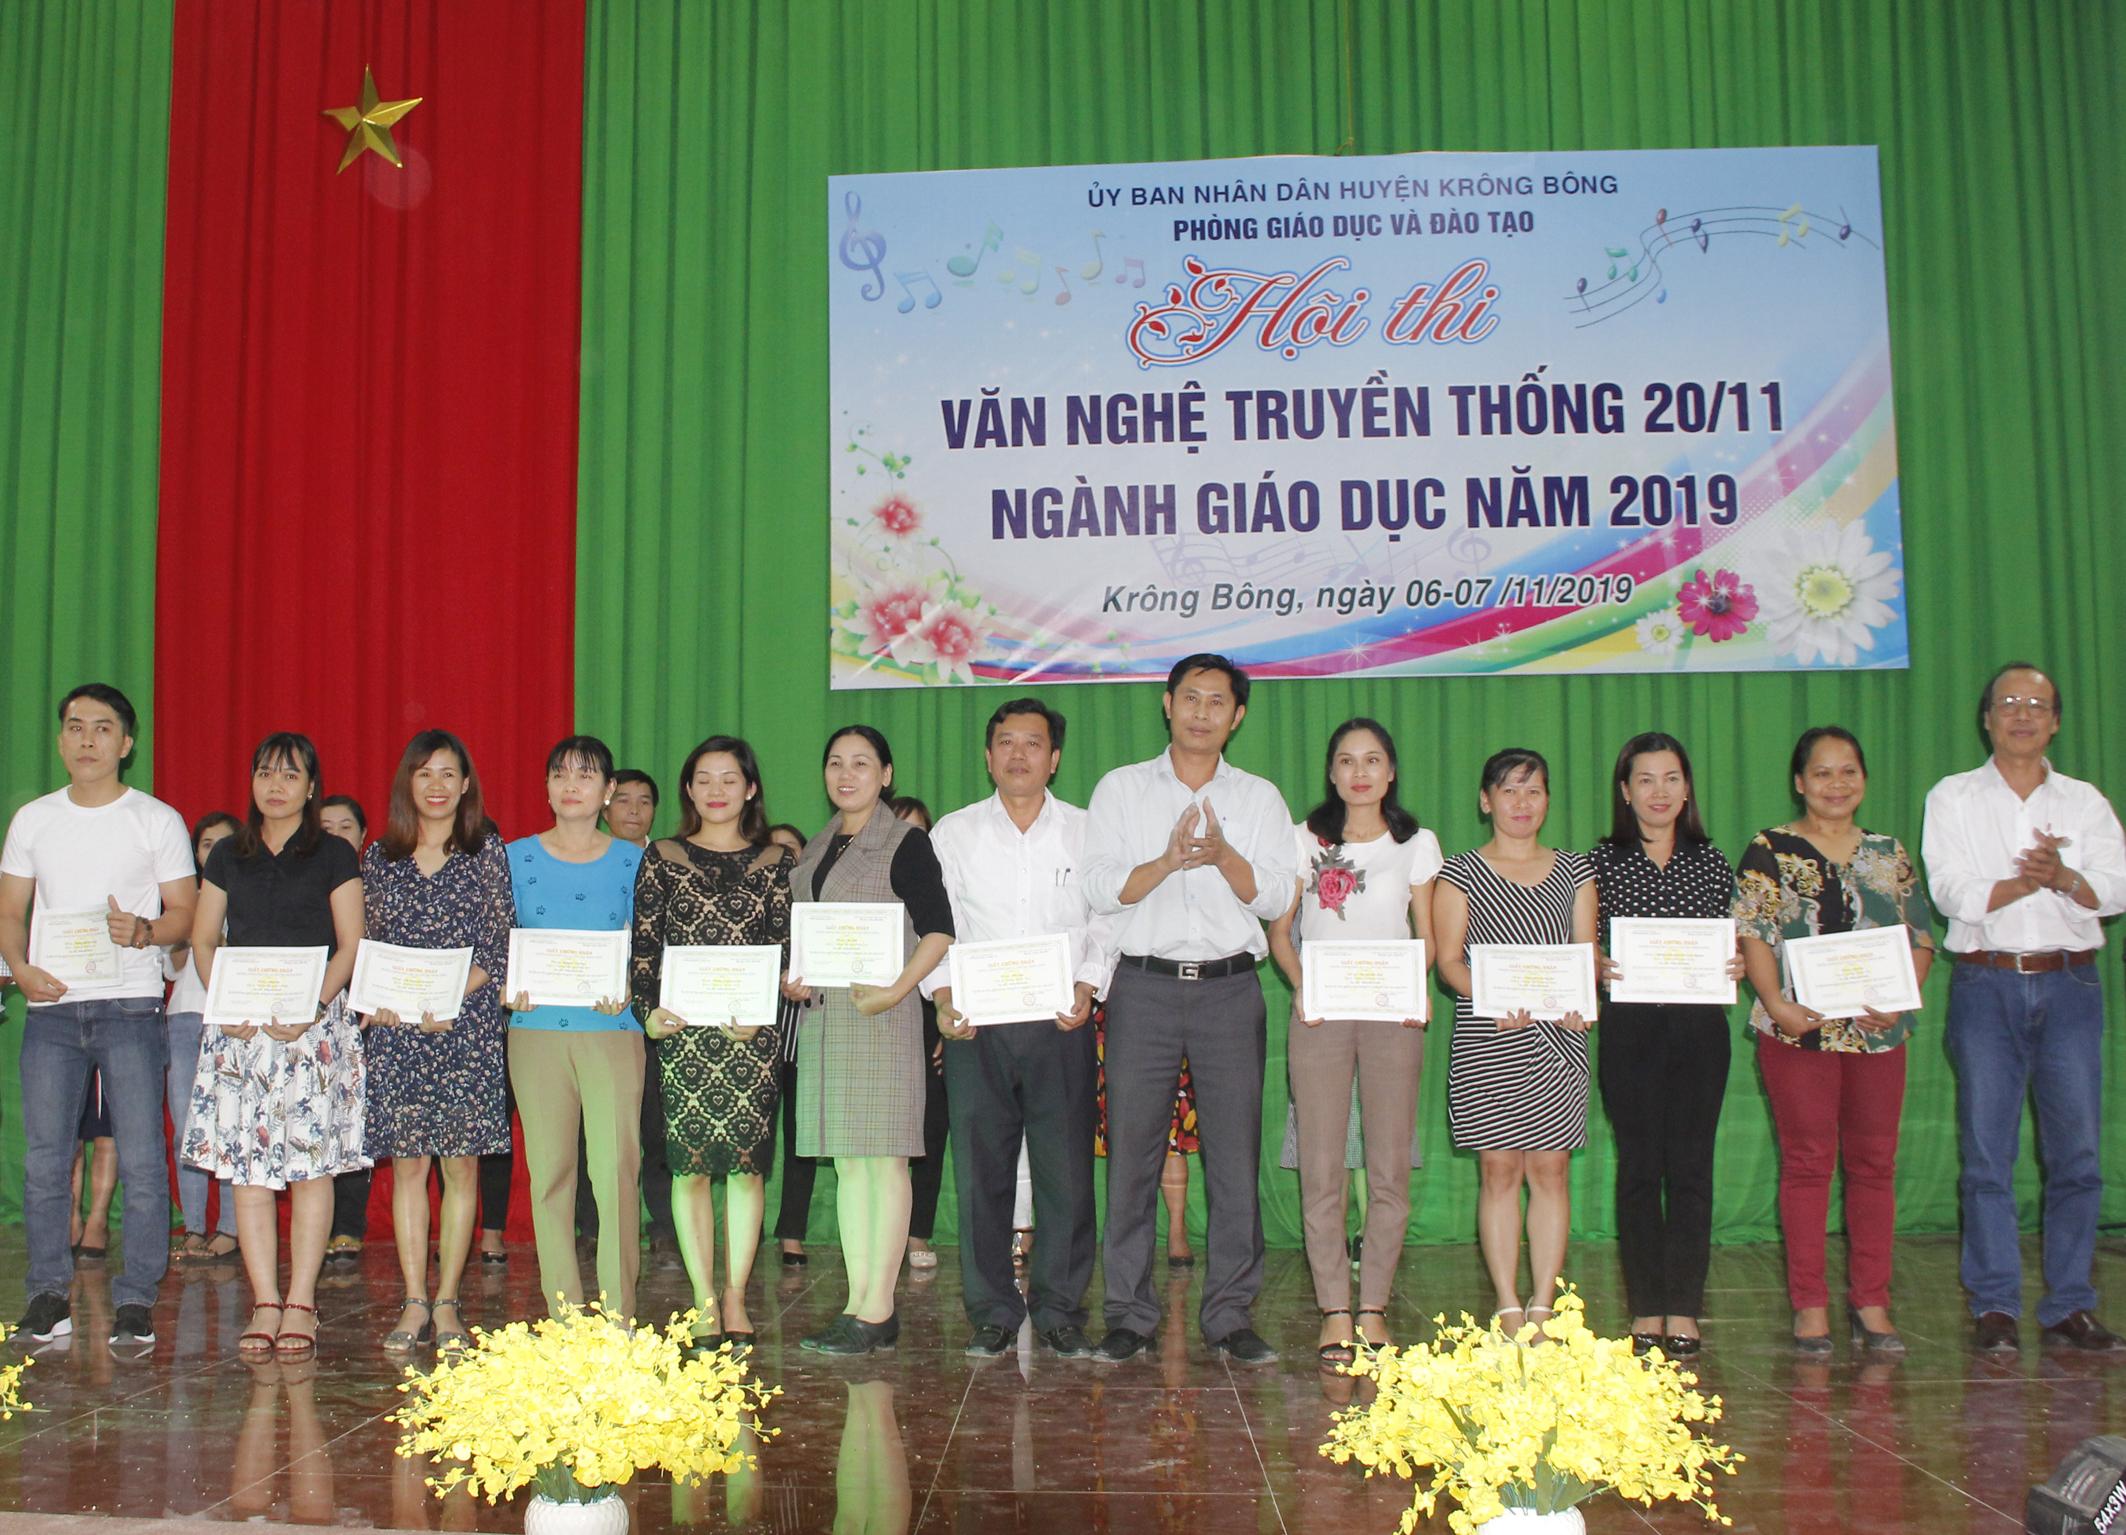 Hội thi văn nghệ truyền thống 20/11 ngành Giáo dục huyện Krông Bông năm 2019